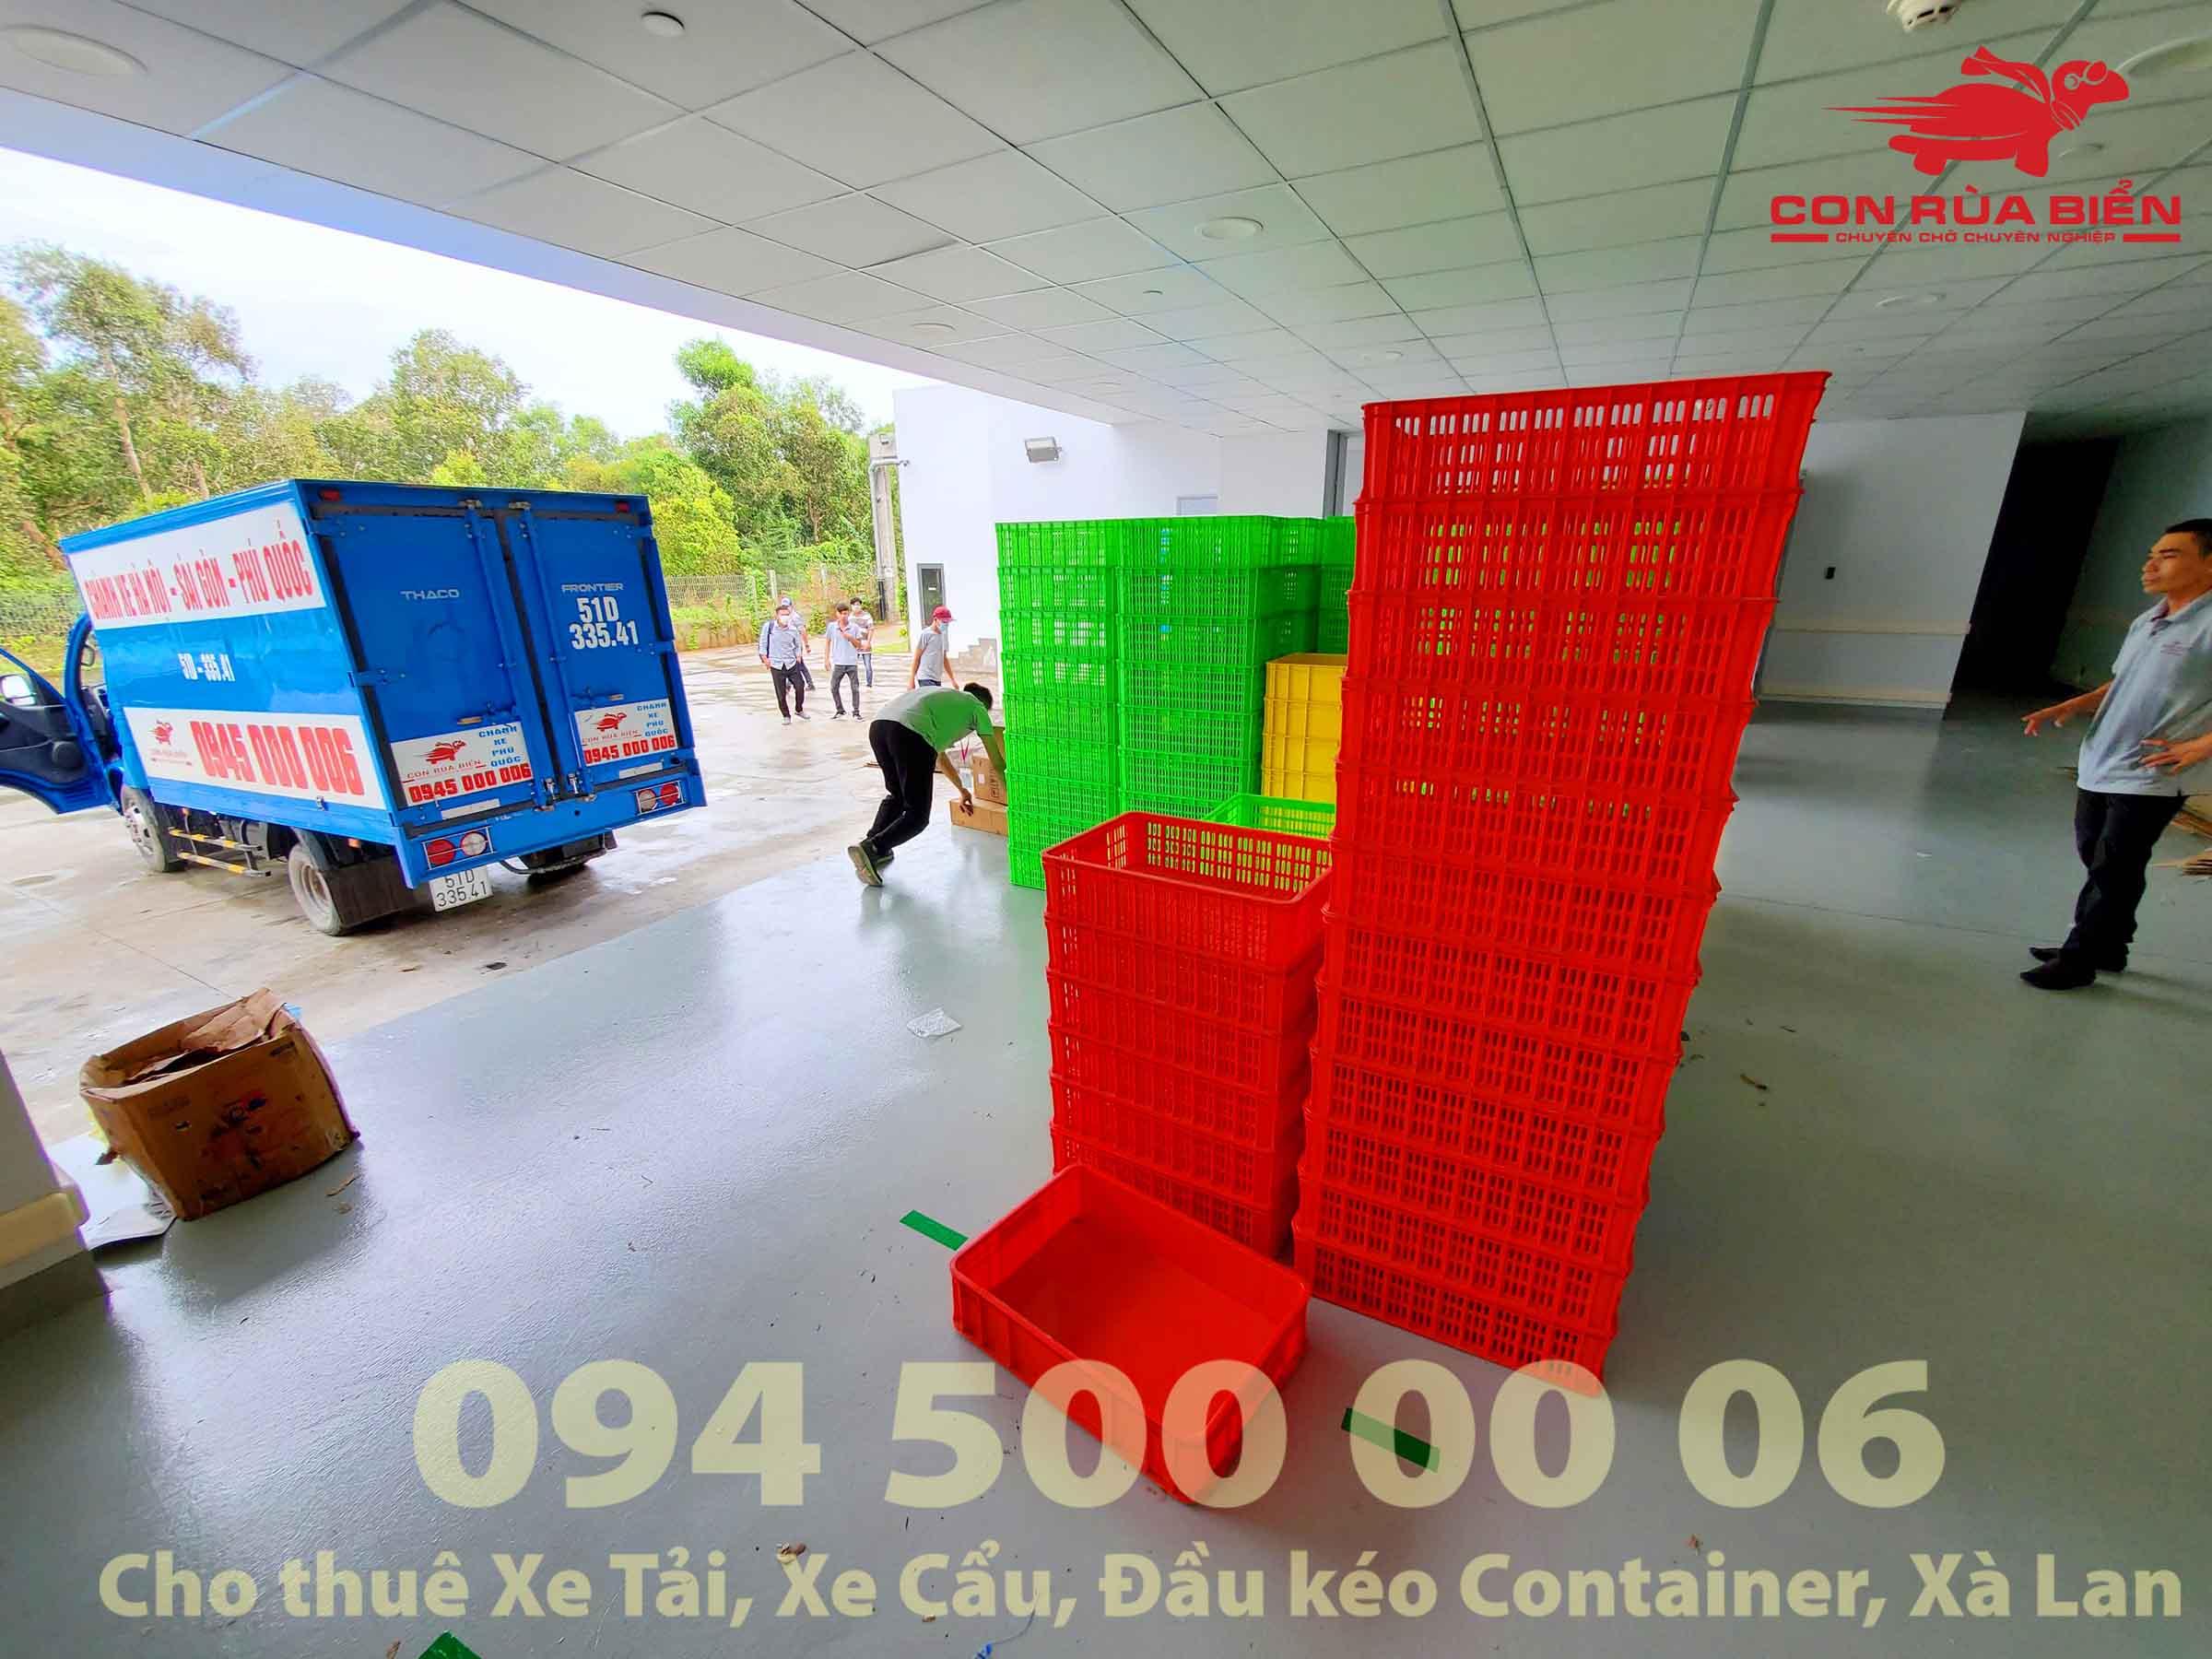 (Ảnh tin tức: Chành xe Sài Gòn Phú Quốc ) Chành xe Hà Nội Sài Gòn Phú Quốc